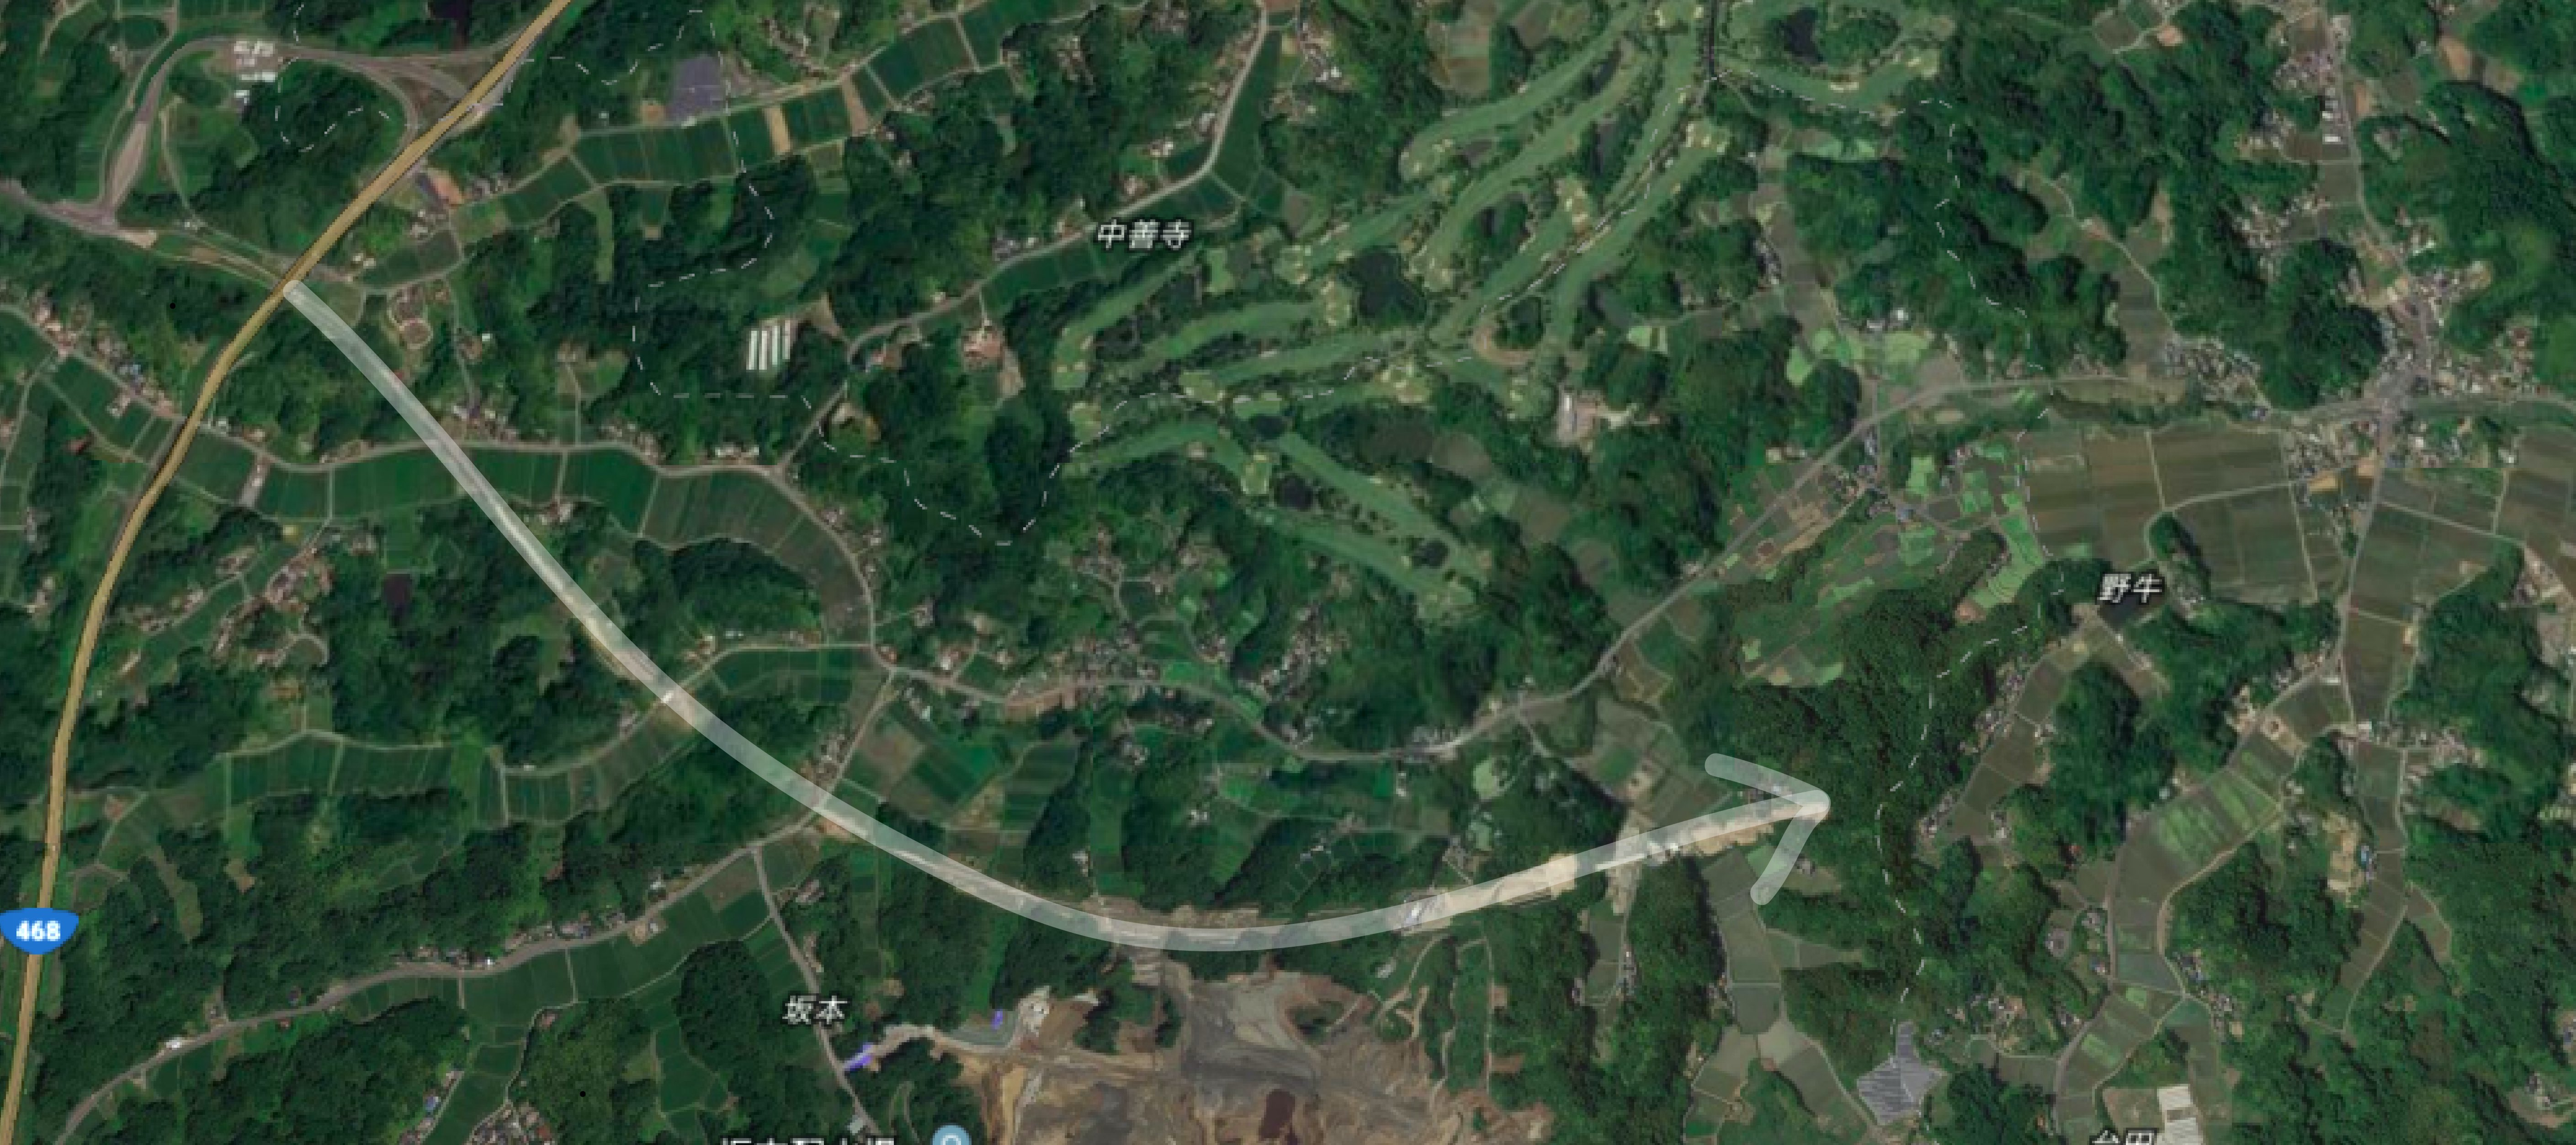 建設中の長生グリーンライン 左がグリーンラインの始発の長南町。写真からは見えないが、矢印右上には茂原市街地が広がっている(Google Earthより筆者作成)